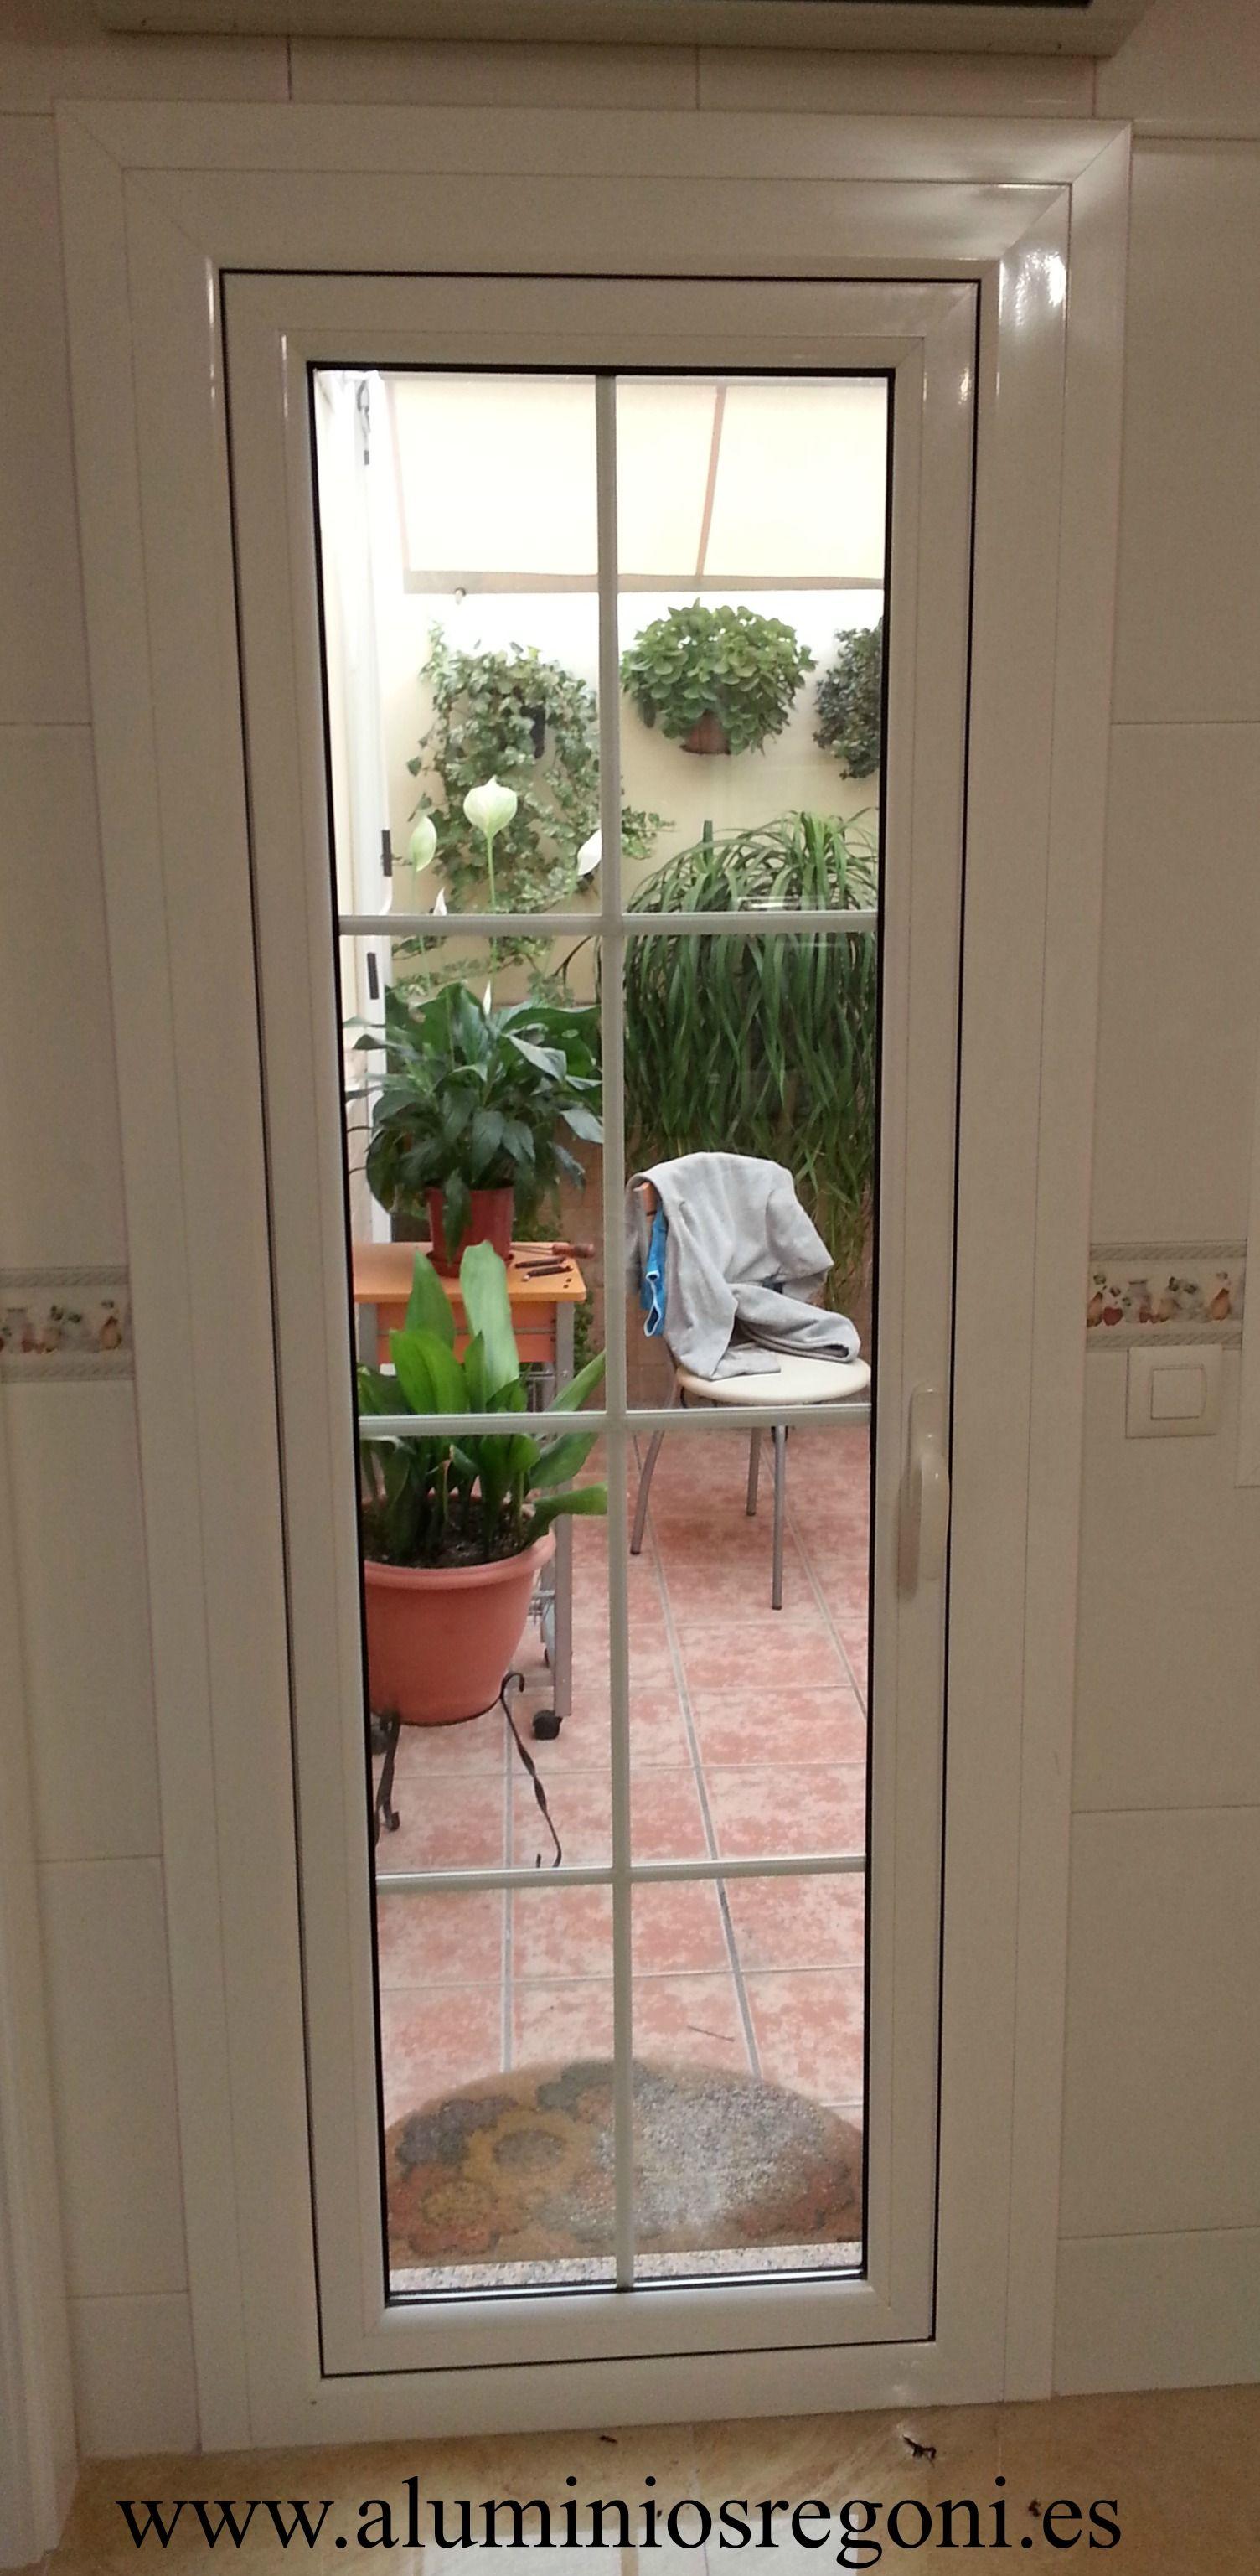 Puerta de aluminio con rotura de puente t rmico ventanas y cristaleras de aluminio pinterest - Aluminio con rotura de puente termico ...